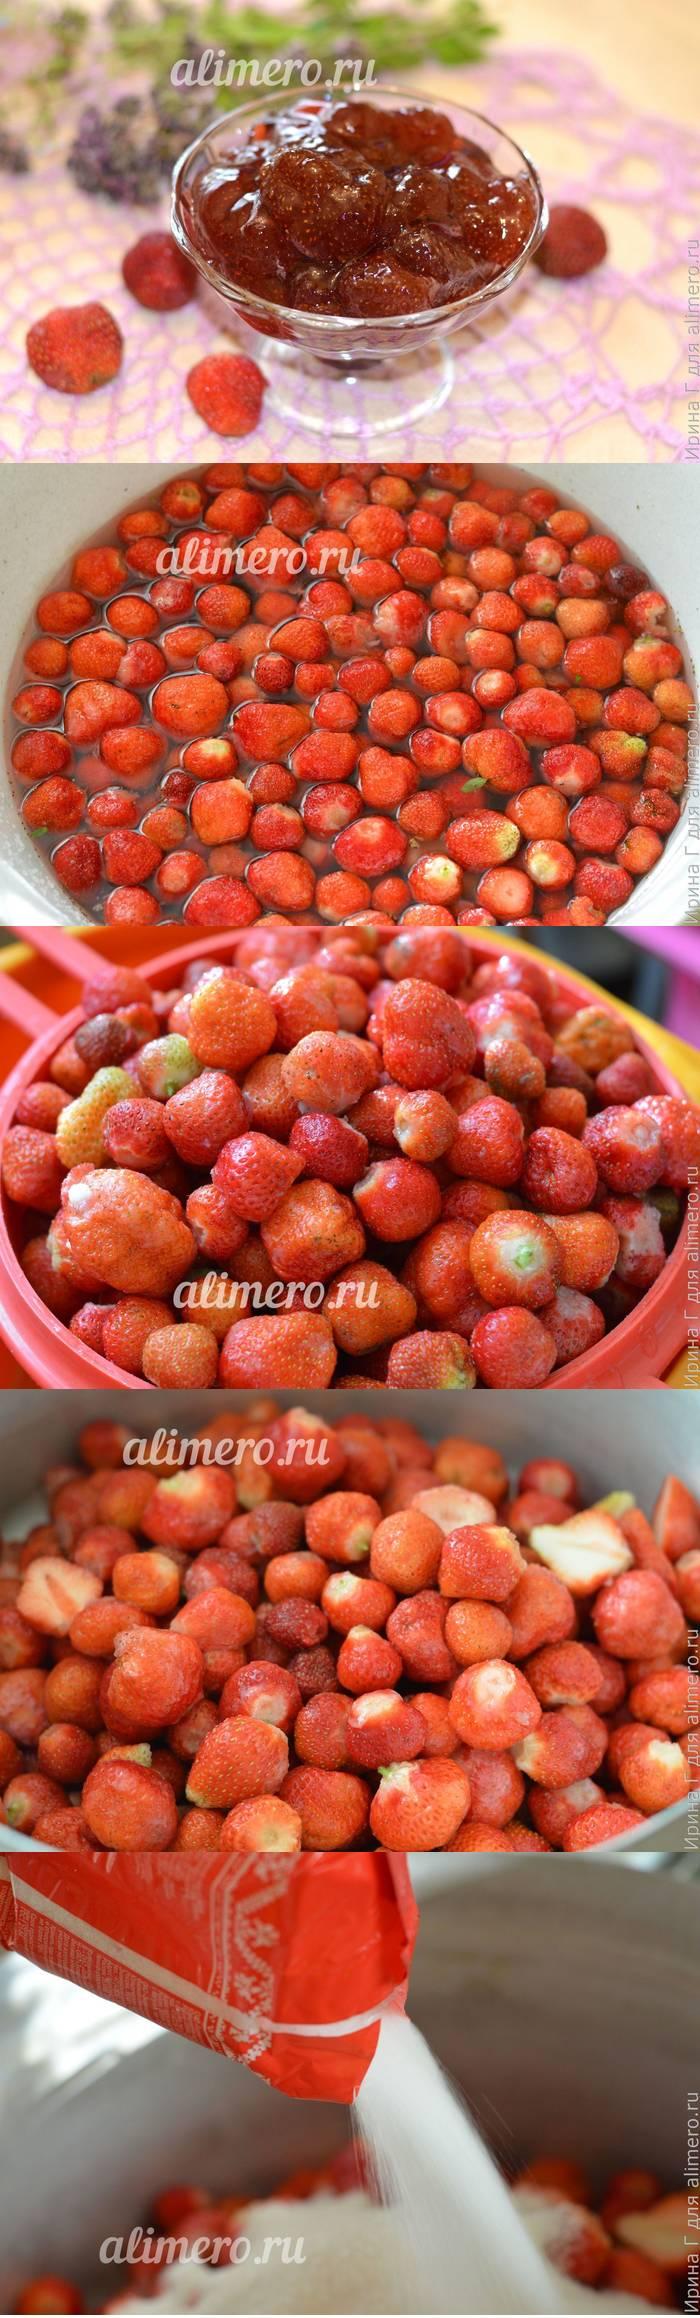 Вкусное клубничное варенье с целыми ягодами